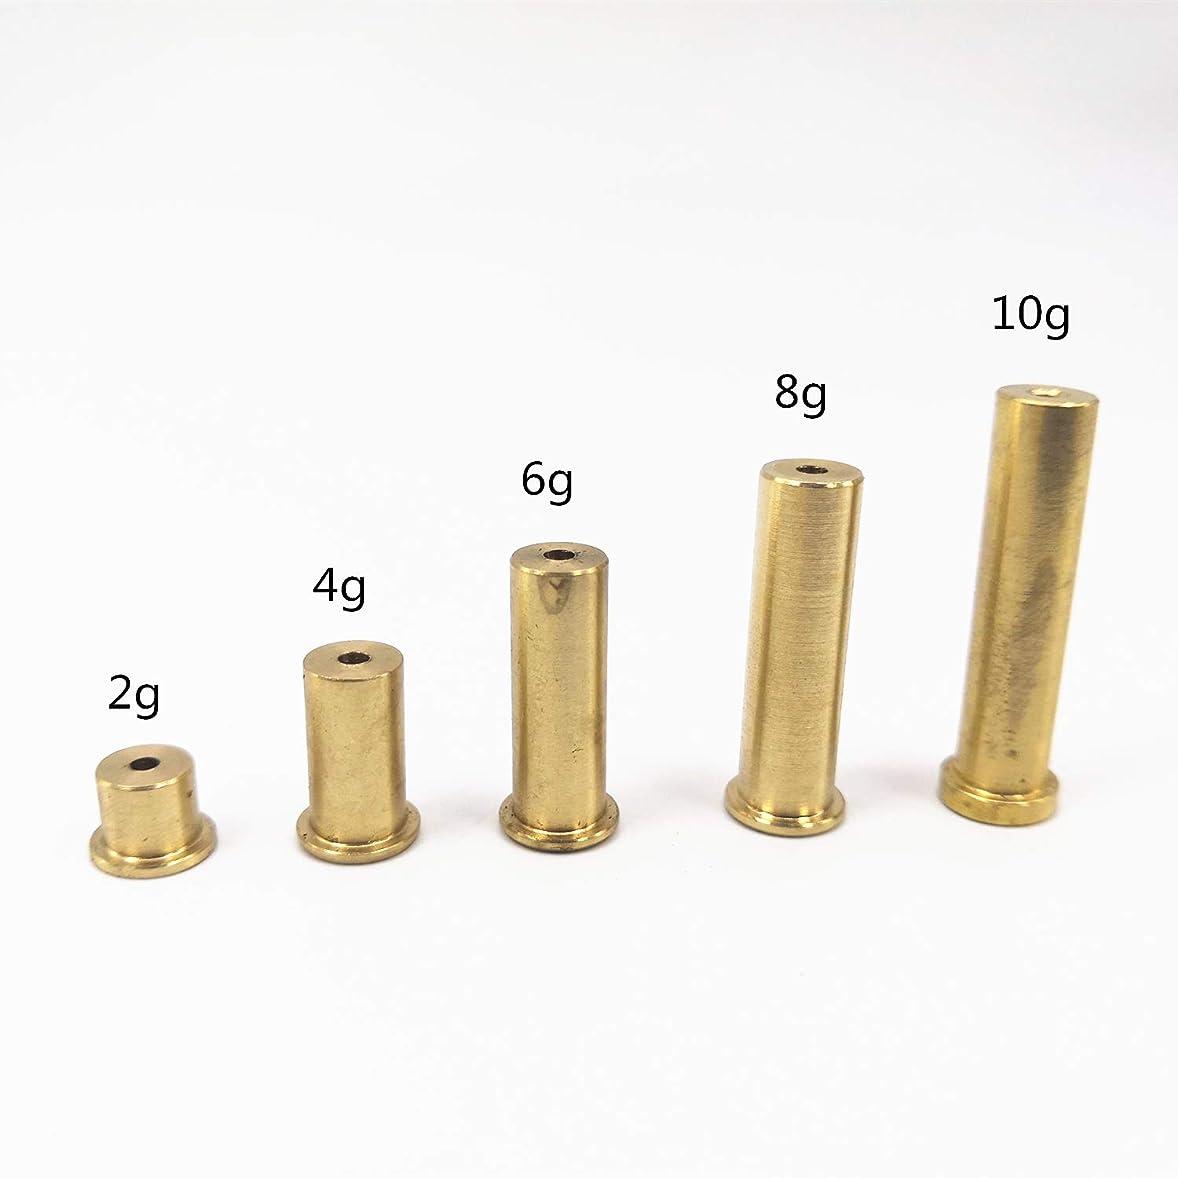 同じスピーチ悲鳴RoyMade 10個セット 銅 釘 真鍮 プラグ ゴルフ ウェイト .335 .355 .370 チップ スチールシャフト 2g 4g 6g 8g 10g クラブヘッドキット (2g 4g 6g 8g 10g 10g X2)